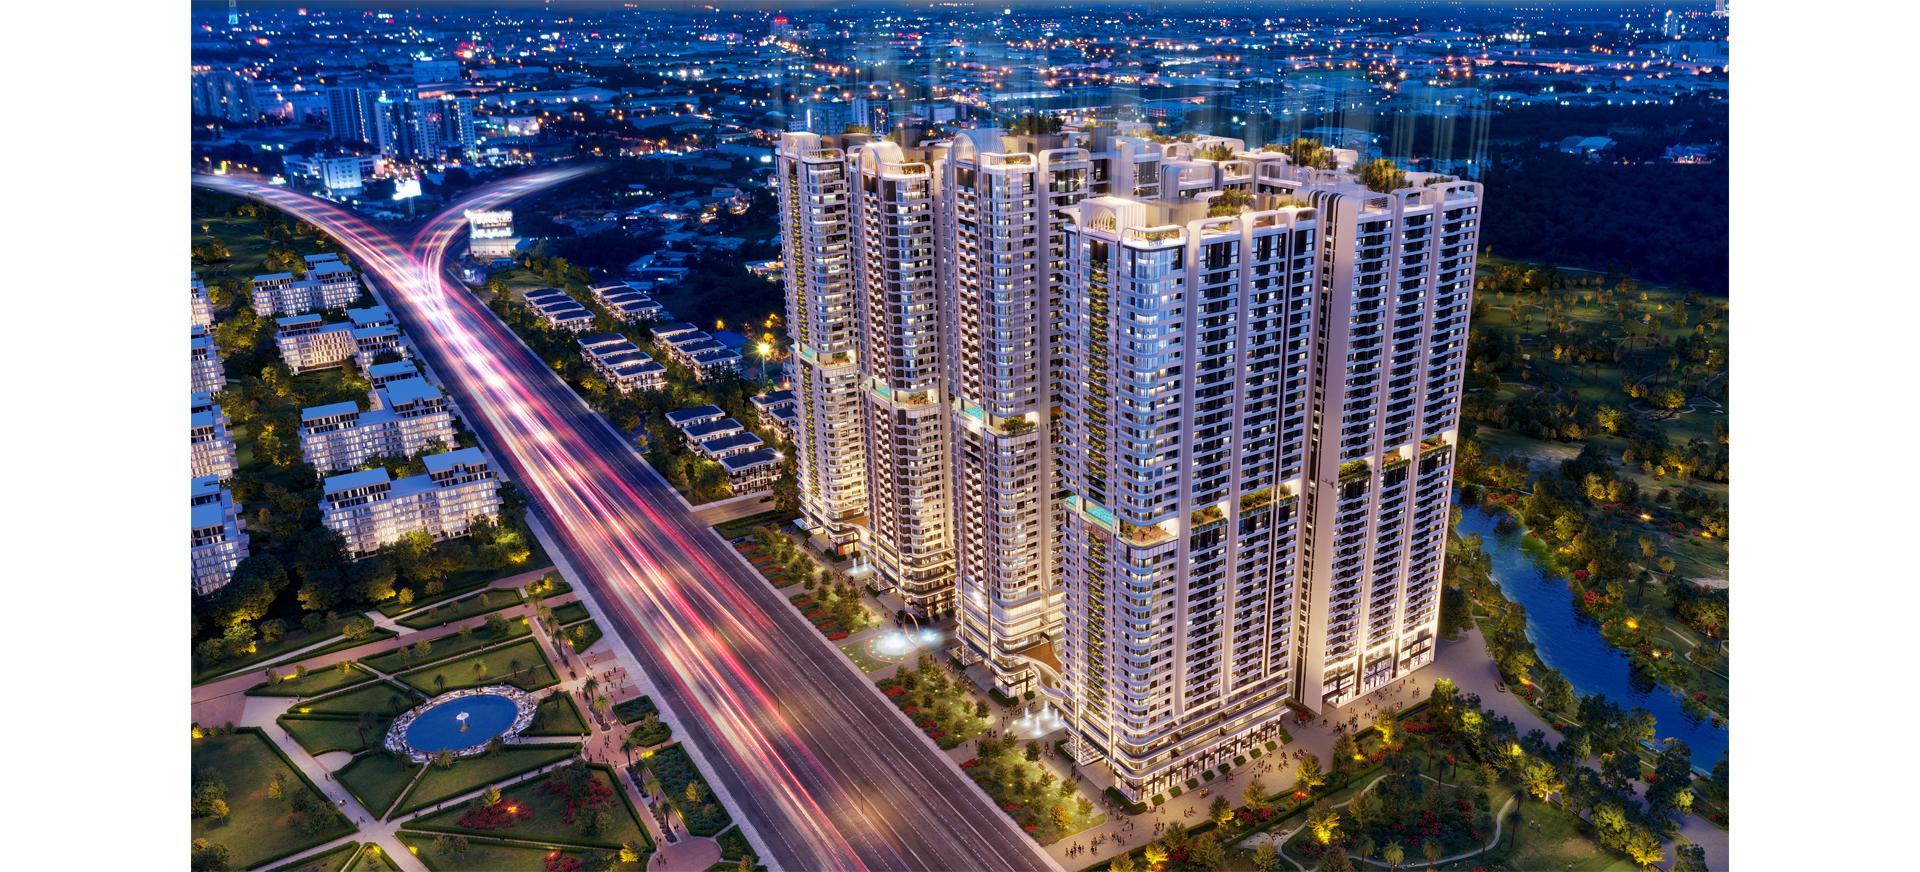 Dự án căn hộ sở hữu gần 23.000 m2 tiện ích tại Bình Dương 4